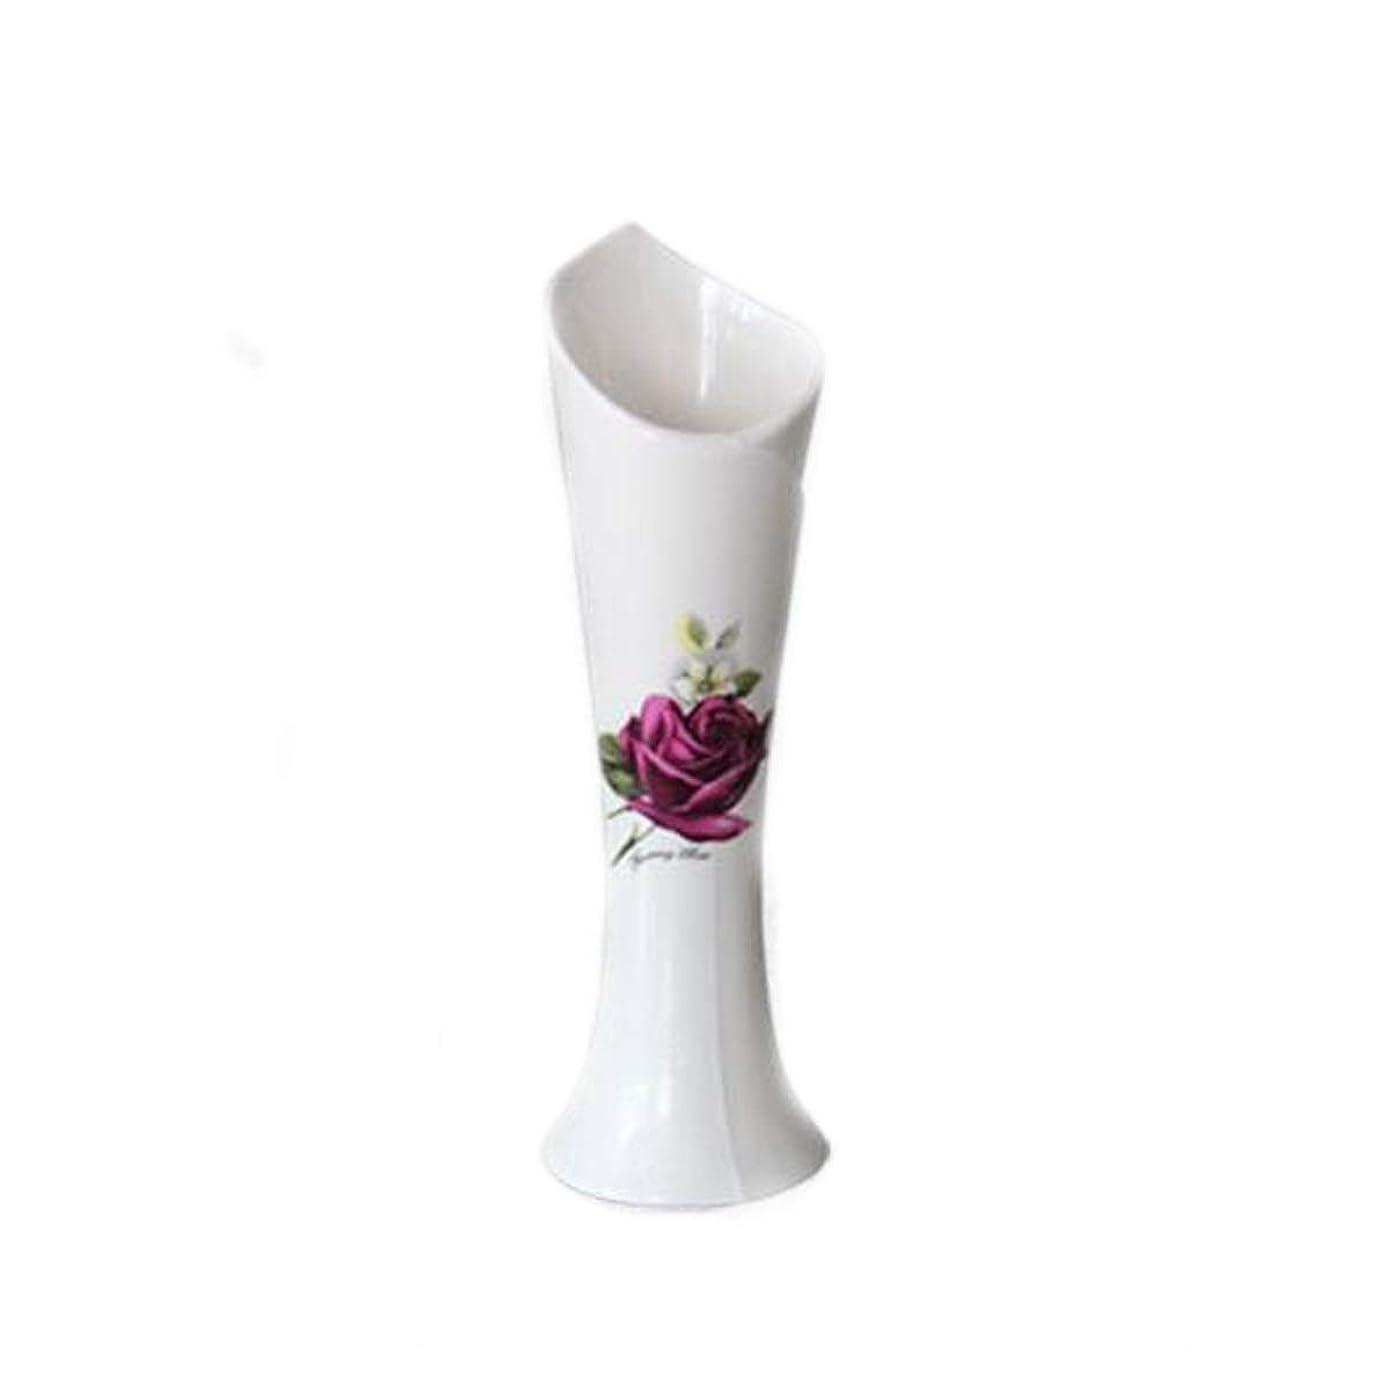 私たちのもの細部不和SLY 花瓶、セラミック花瓶、現代のミニマリストの装飾 (Color : White)